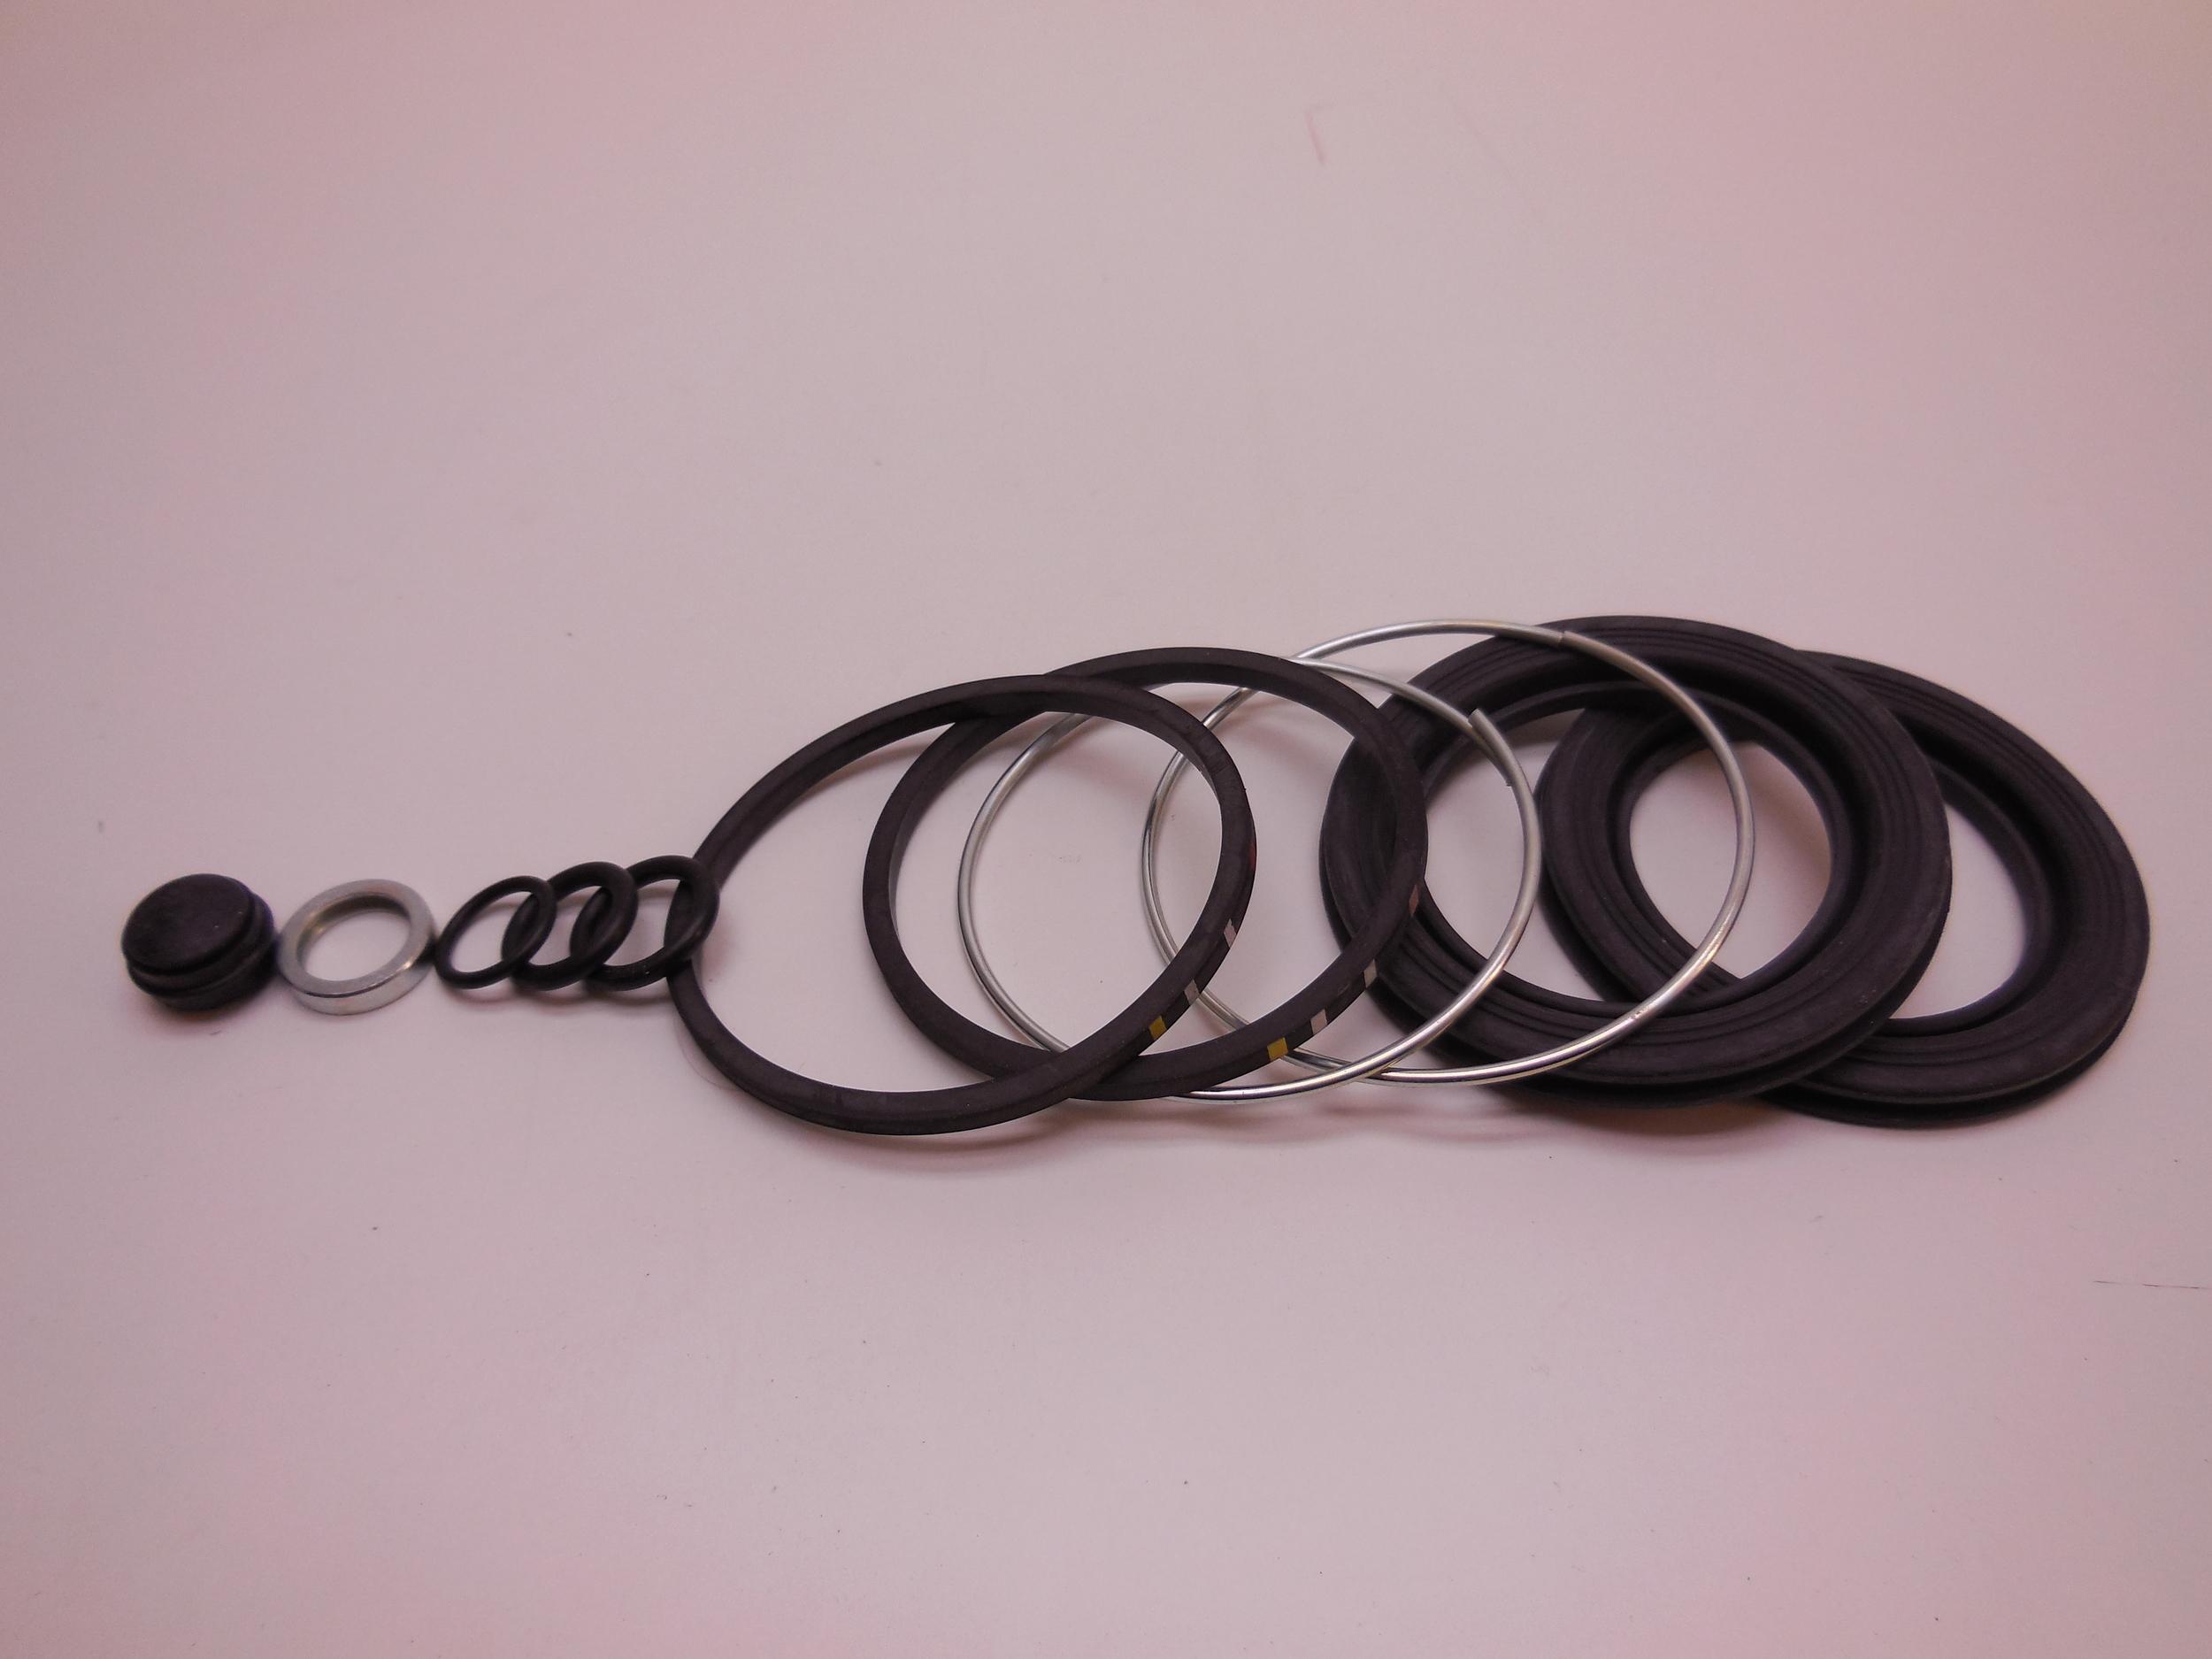 BRAKE caliper repair kit Häggo Nr: 153 6087-610 Price: 146 sek